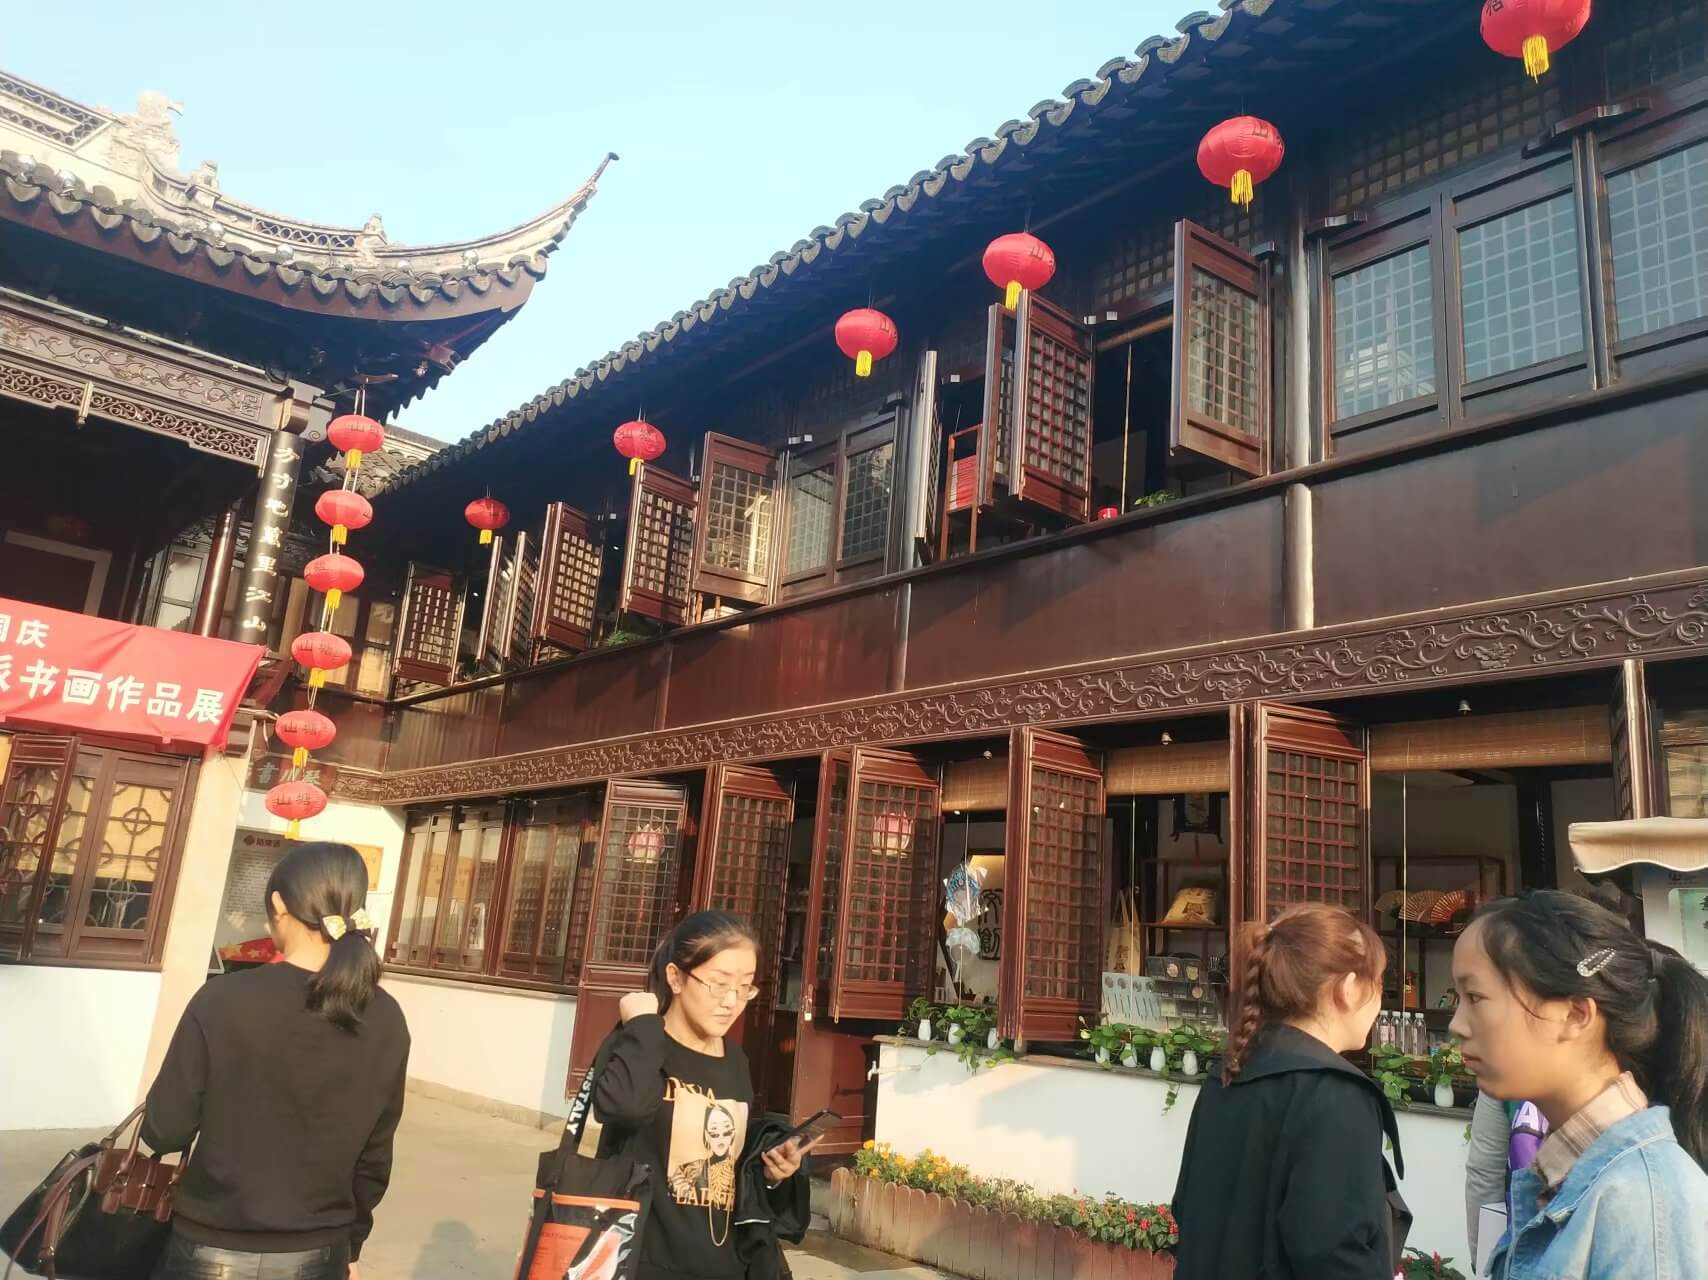 七里山塘-古戏台